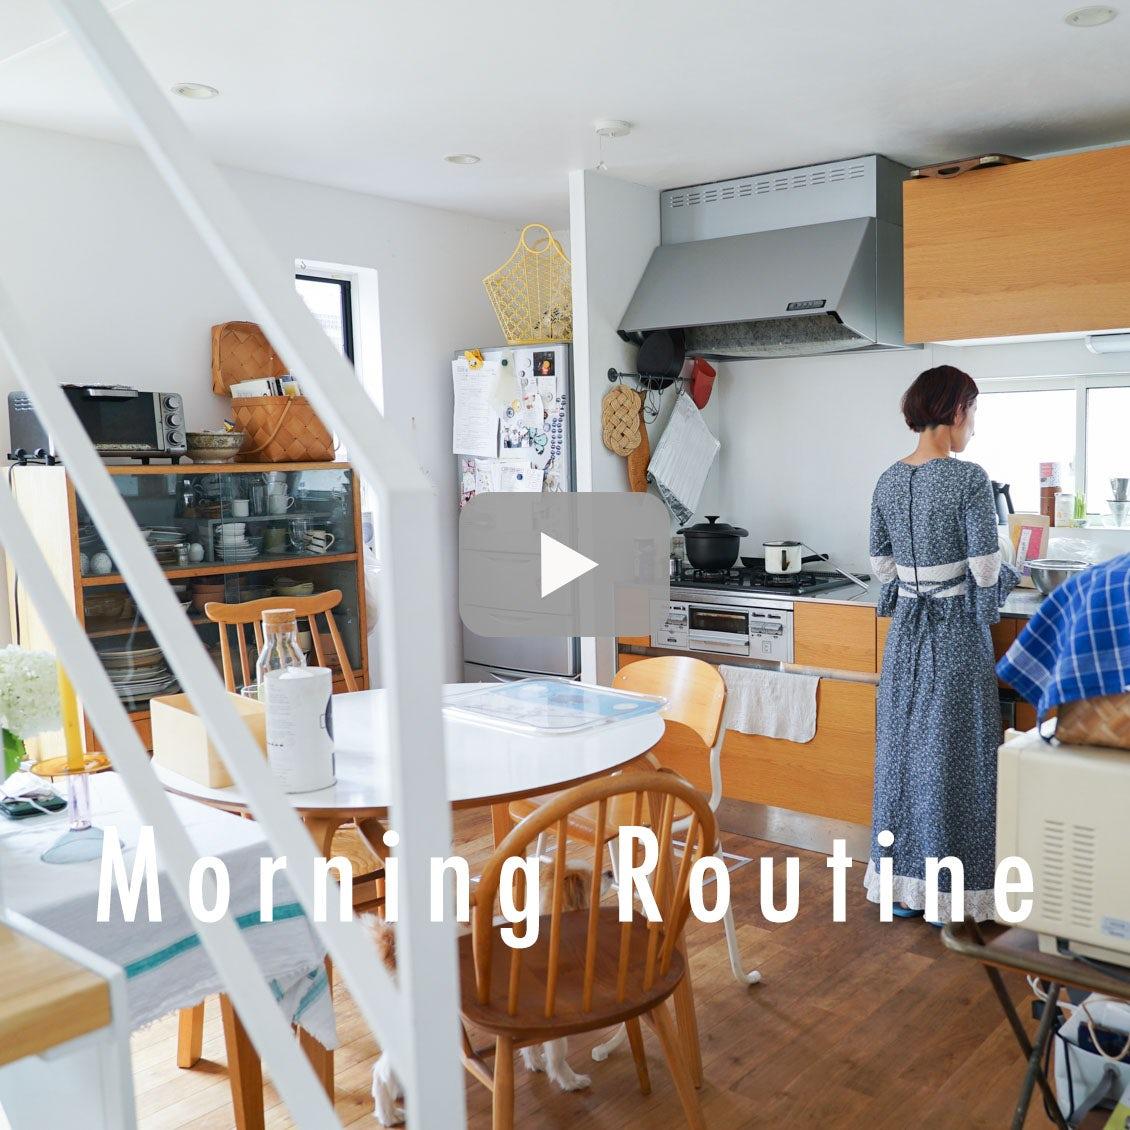 【わたしの朝習慣】家事は暮らすことだから。「家族みんなで」をモットーに過ごす朝